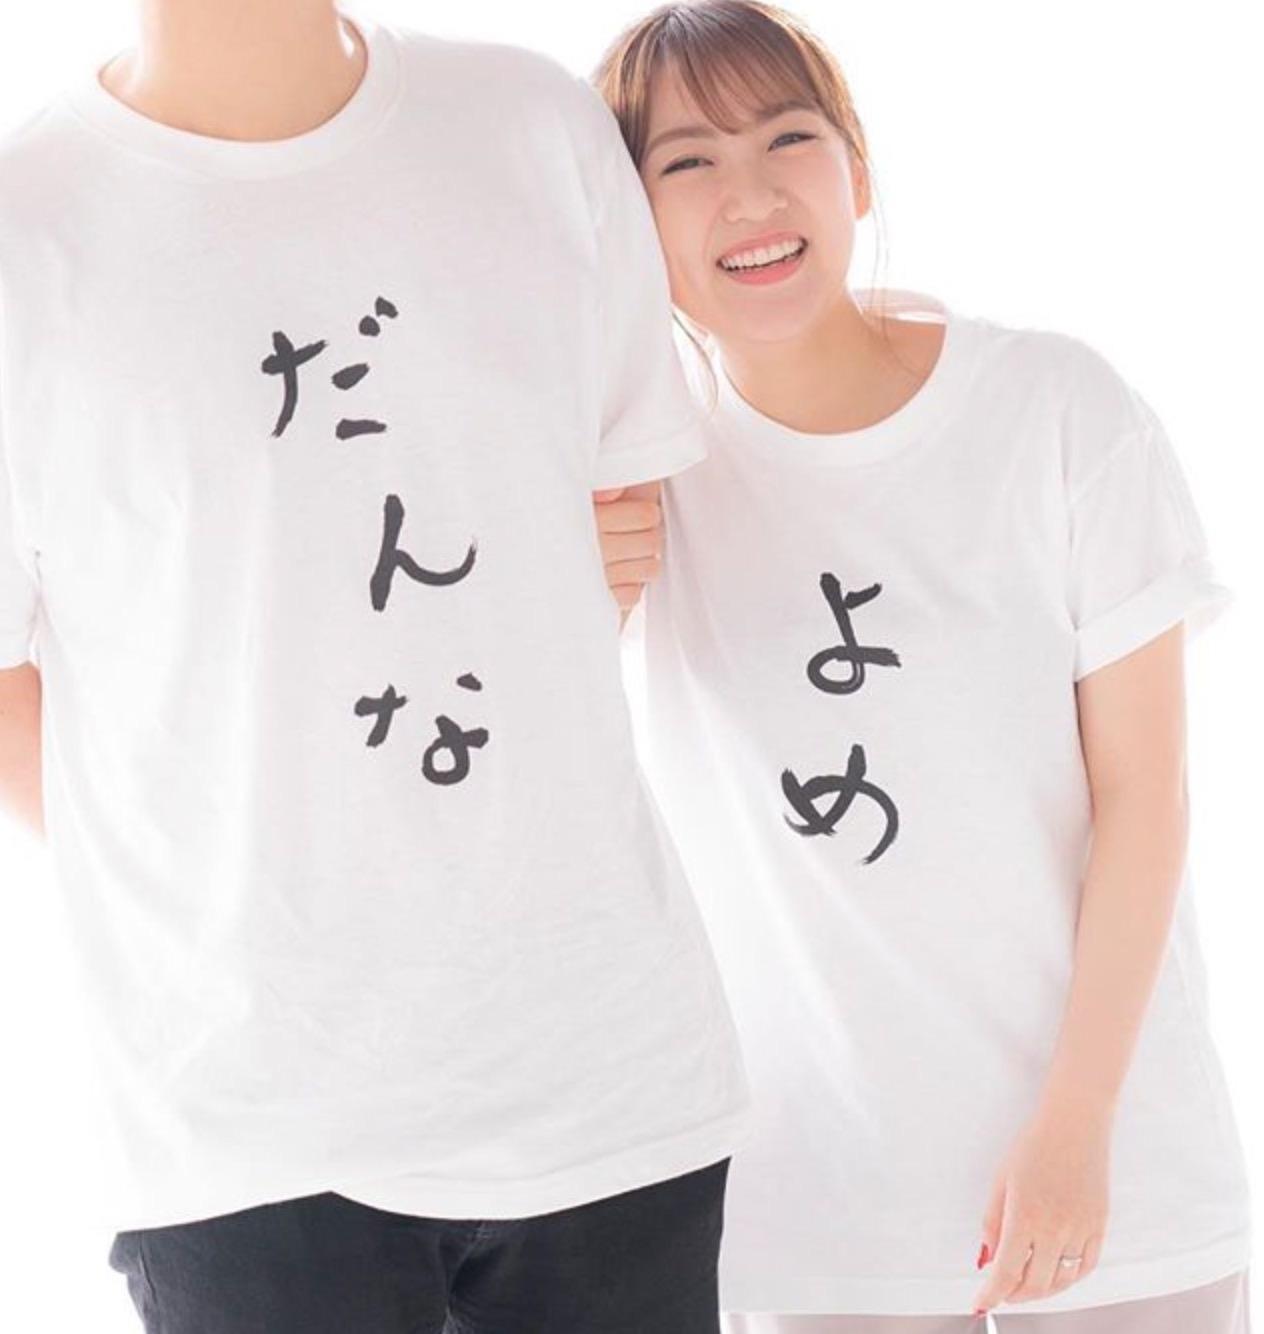 高橋みなみ、昭和生まれの一般男性と結婚